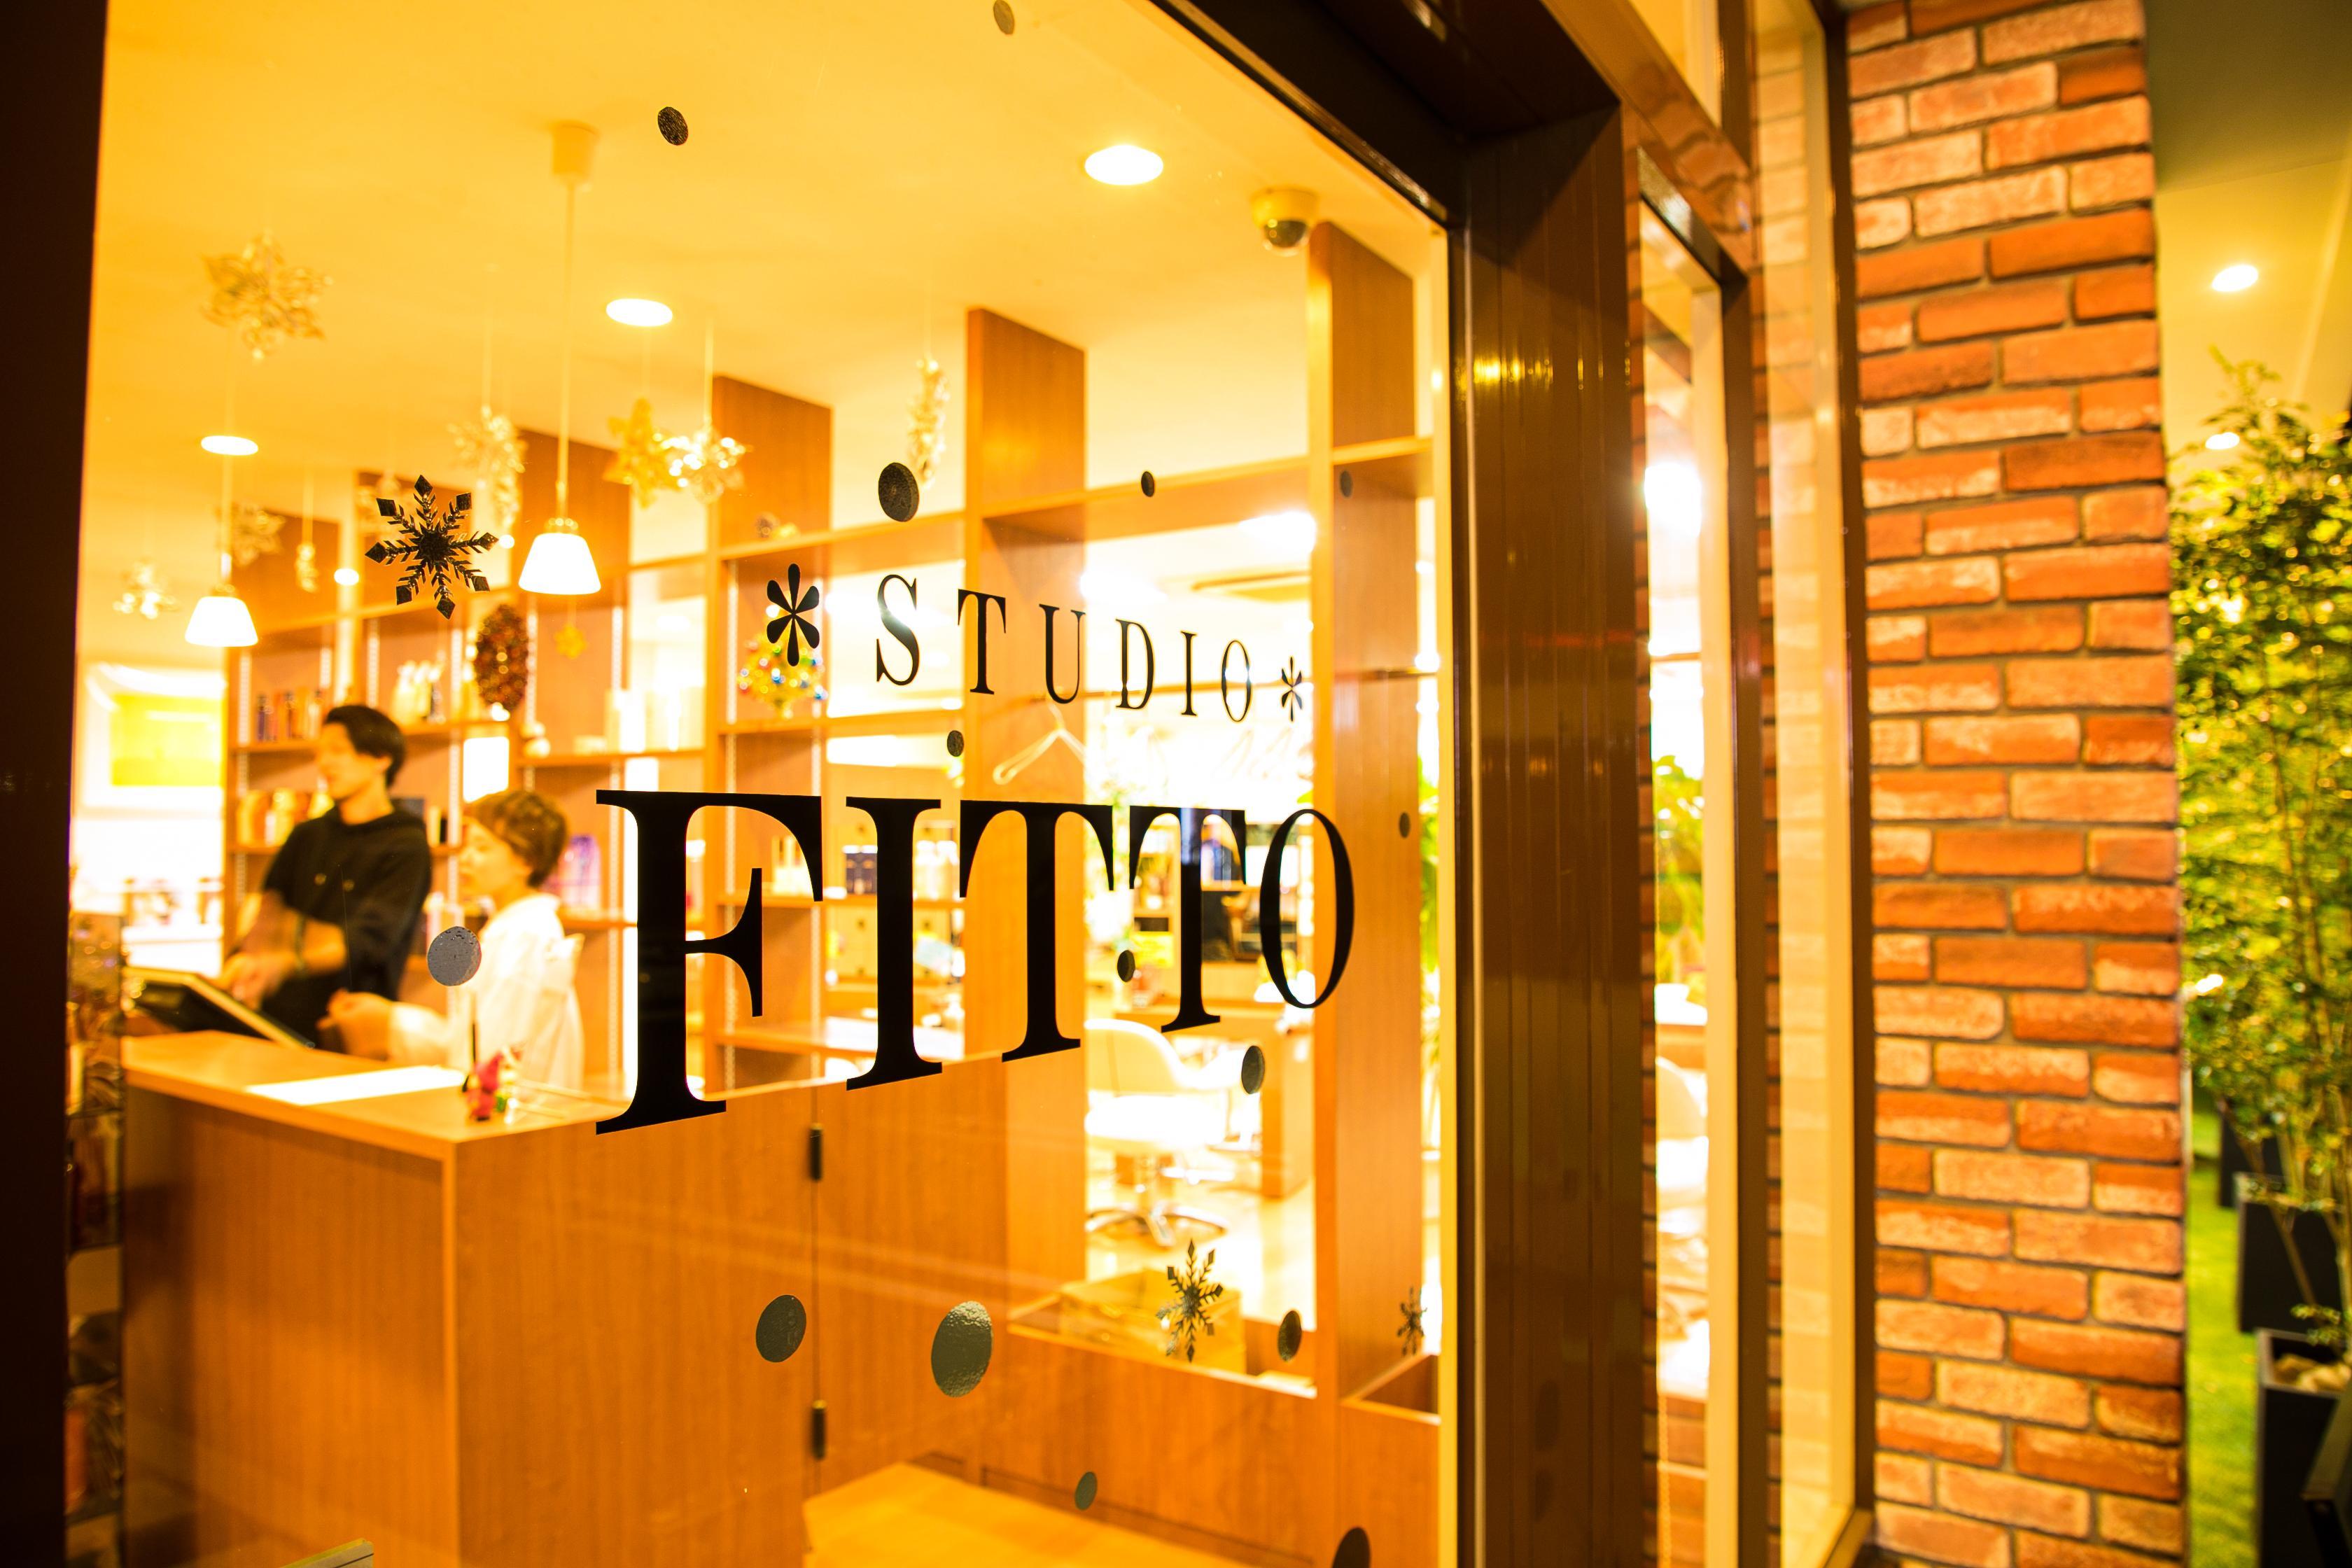 STUDIO FITTO 長嶺店 新卒アシスタント